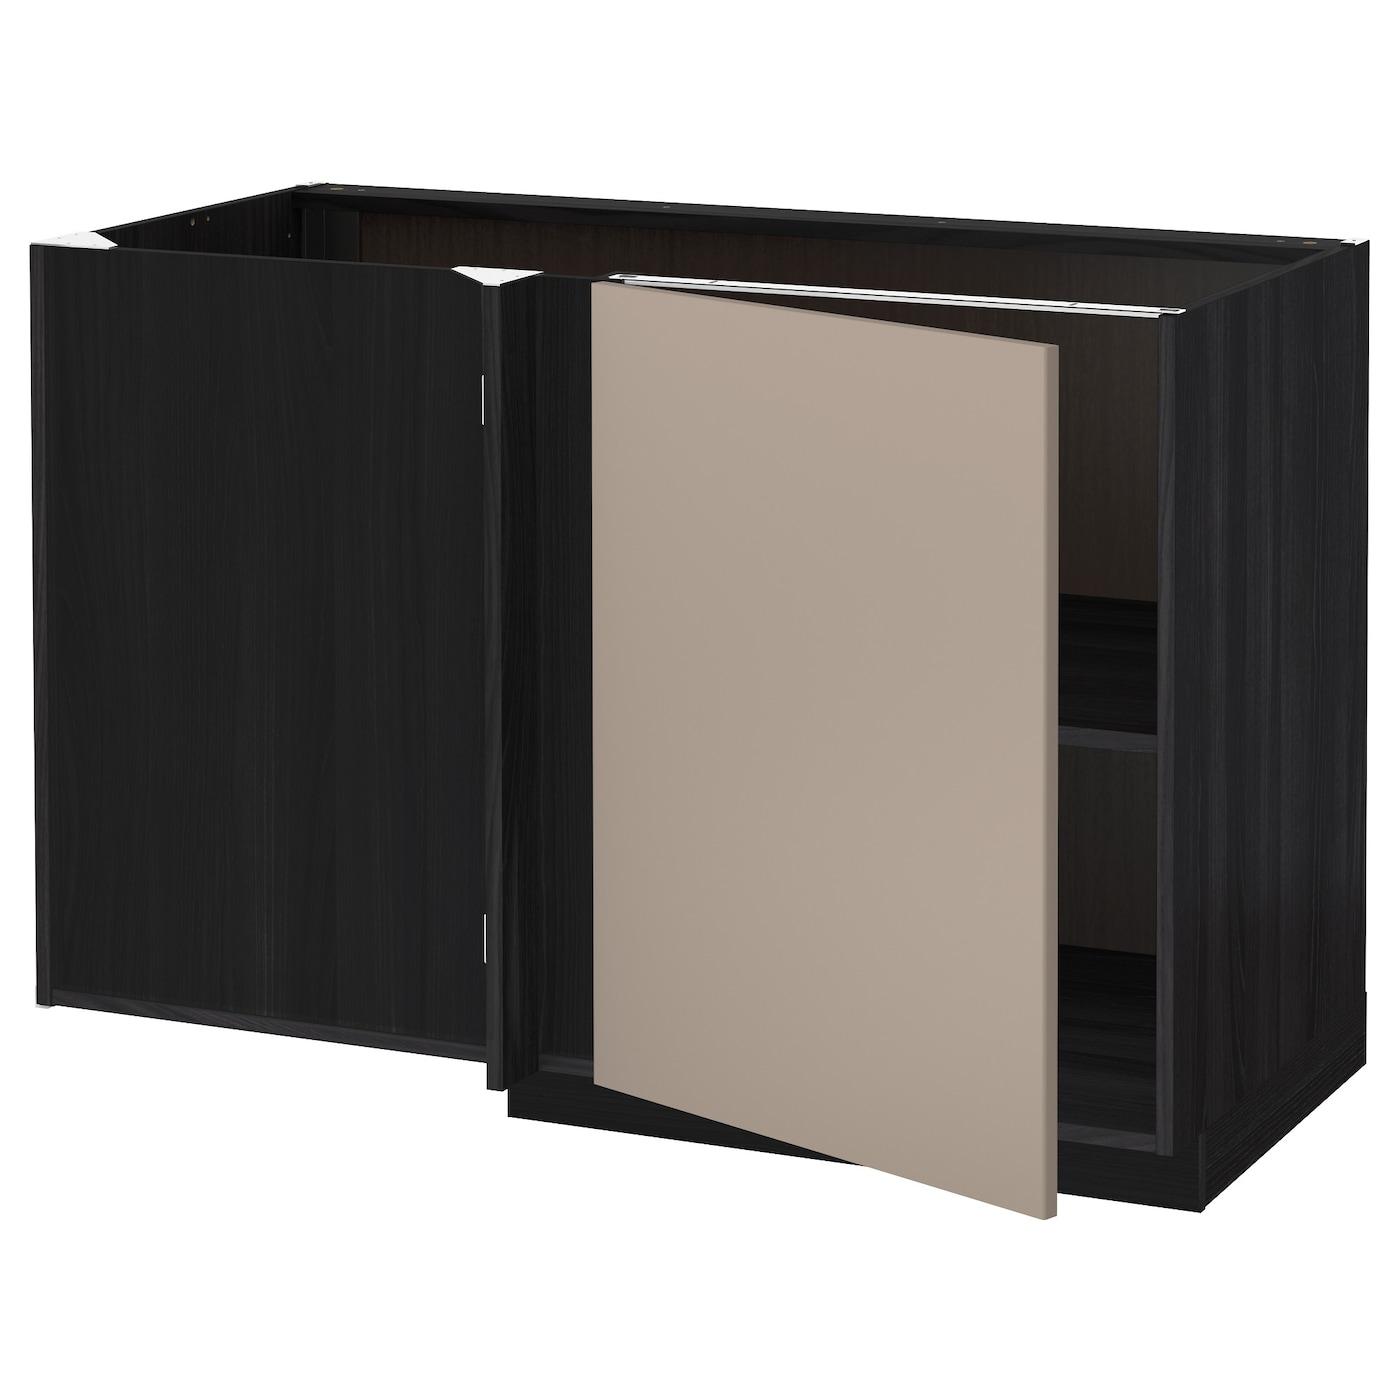 METOD, Eckunterschrank mit Boden, schwarz, dunkelbeige 391.165.61